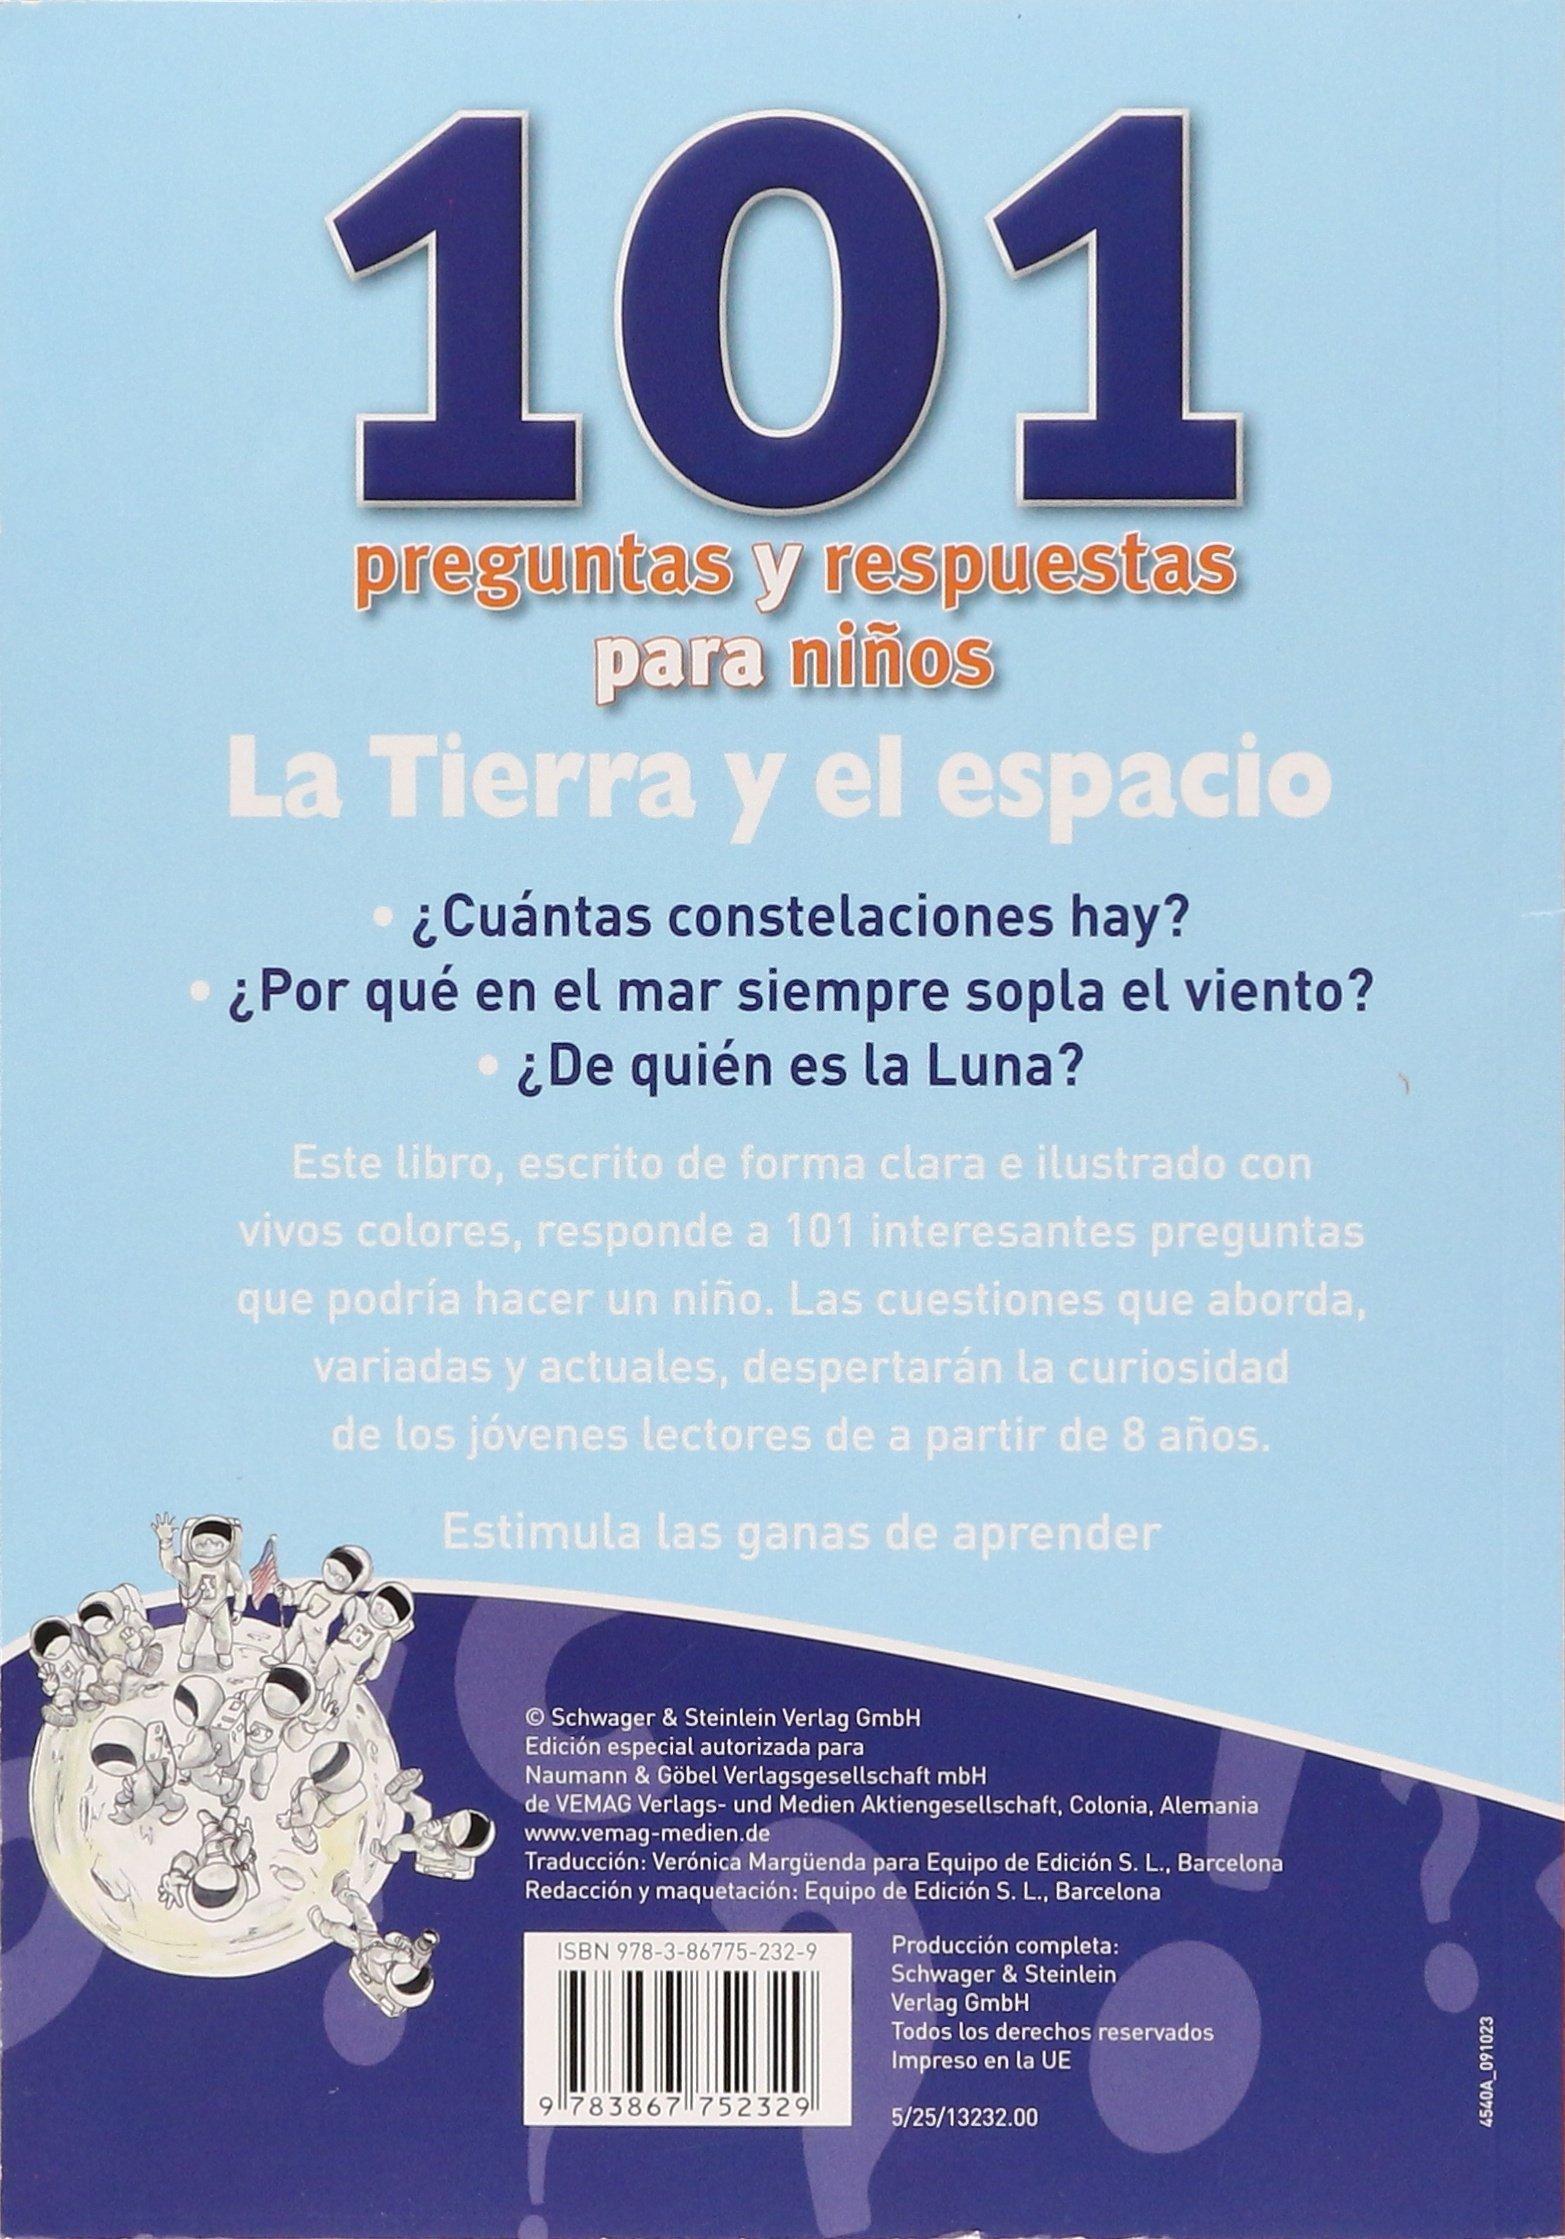 TIERRA Y EL ESPACIO 101 PREGUNTAS Y RESP: VV.AA.: 9783867752329: Amazon.com: Books